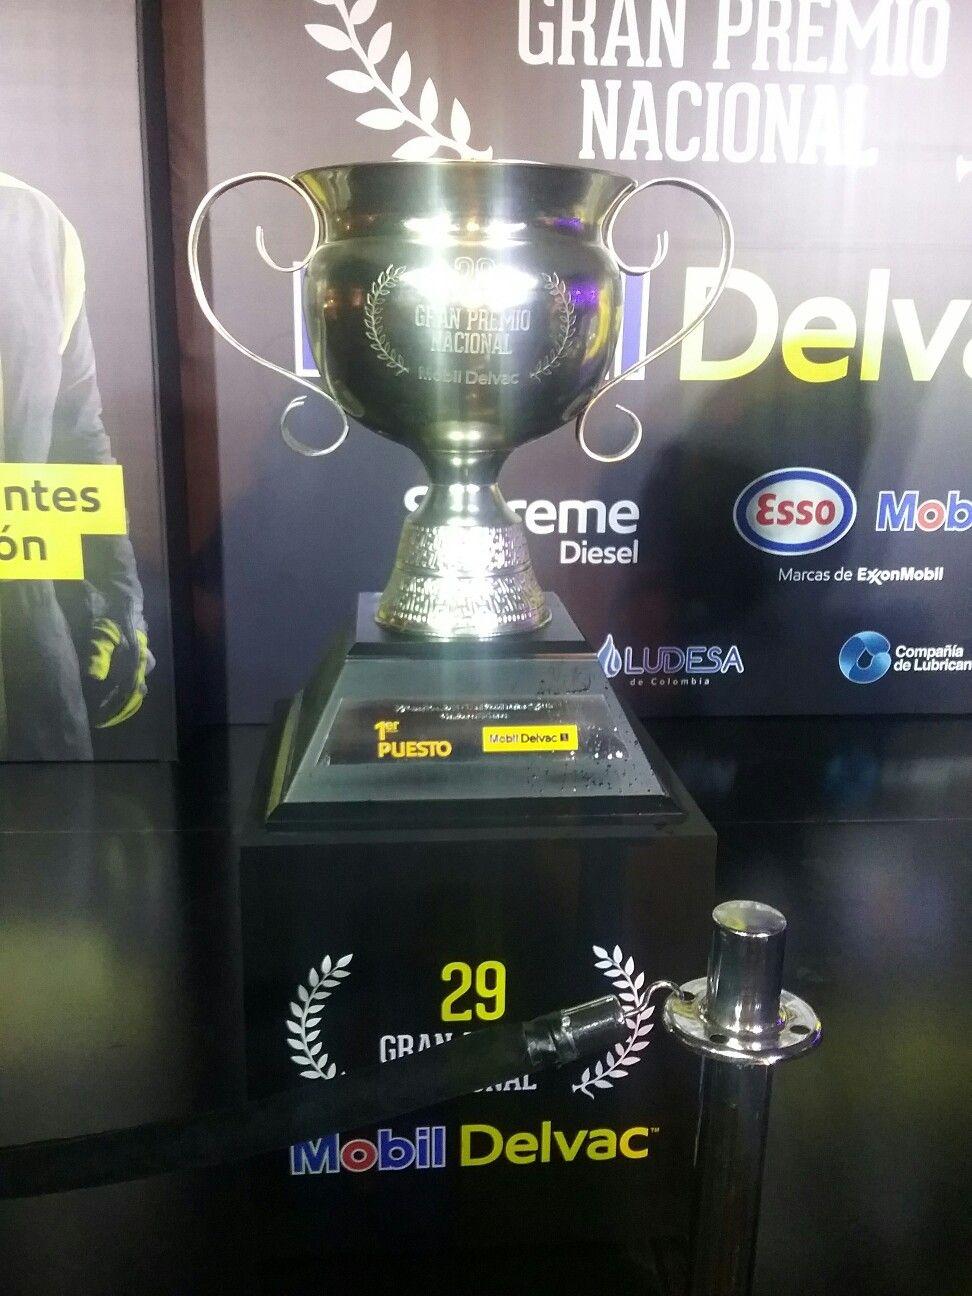 Trofeo del ganador,  29 Gran Premio Nacional Mobil Delvac.